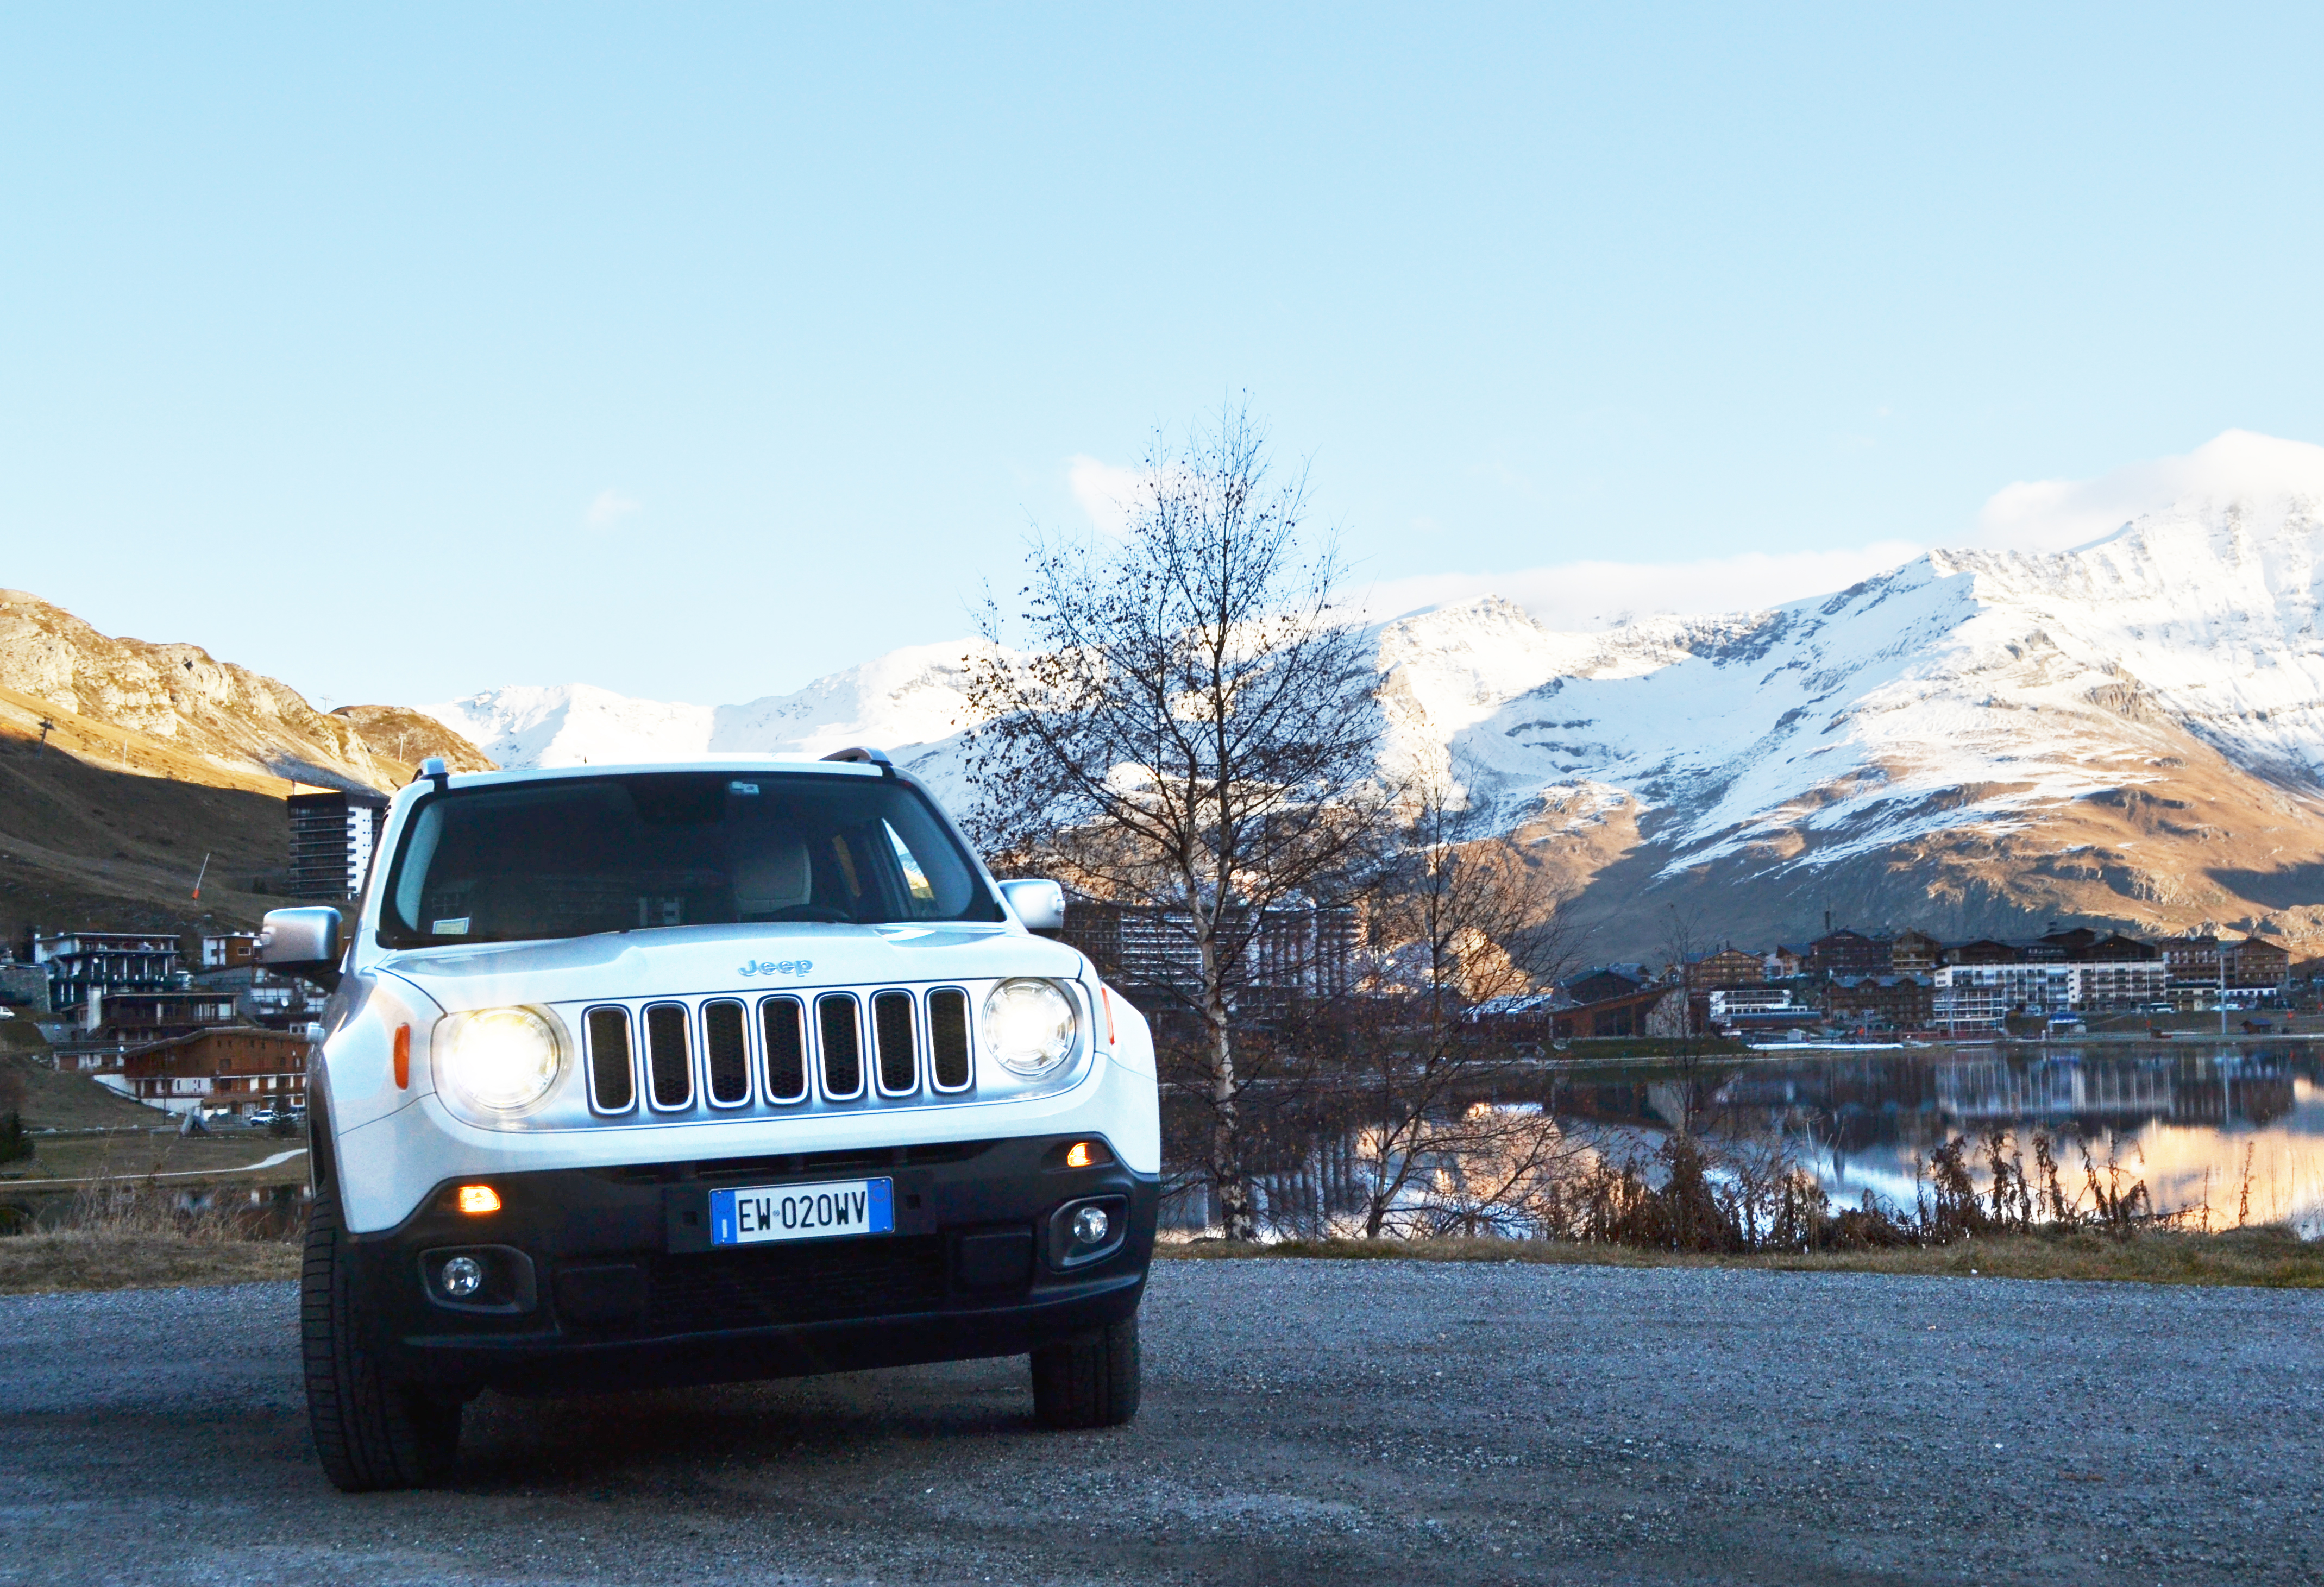 jeep renegade, jeep, renegade, SUV, tignes, essai, essai auto